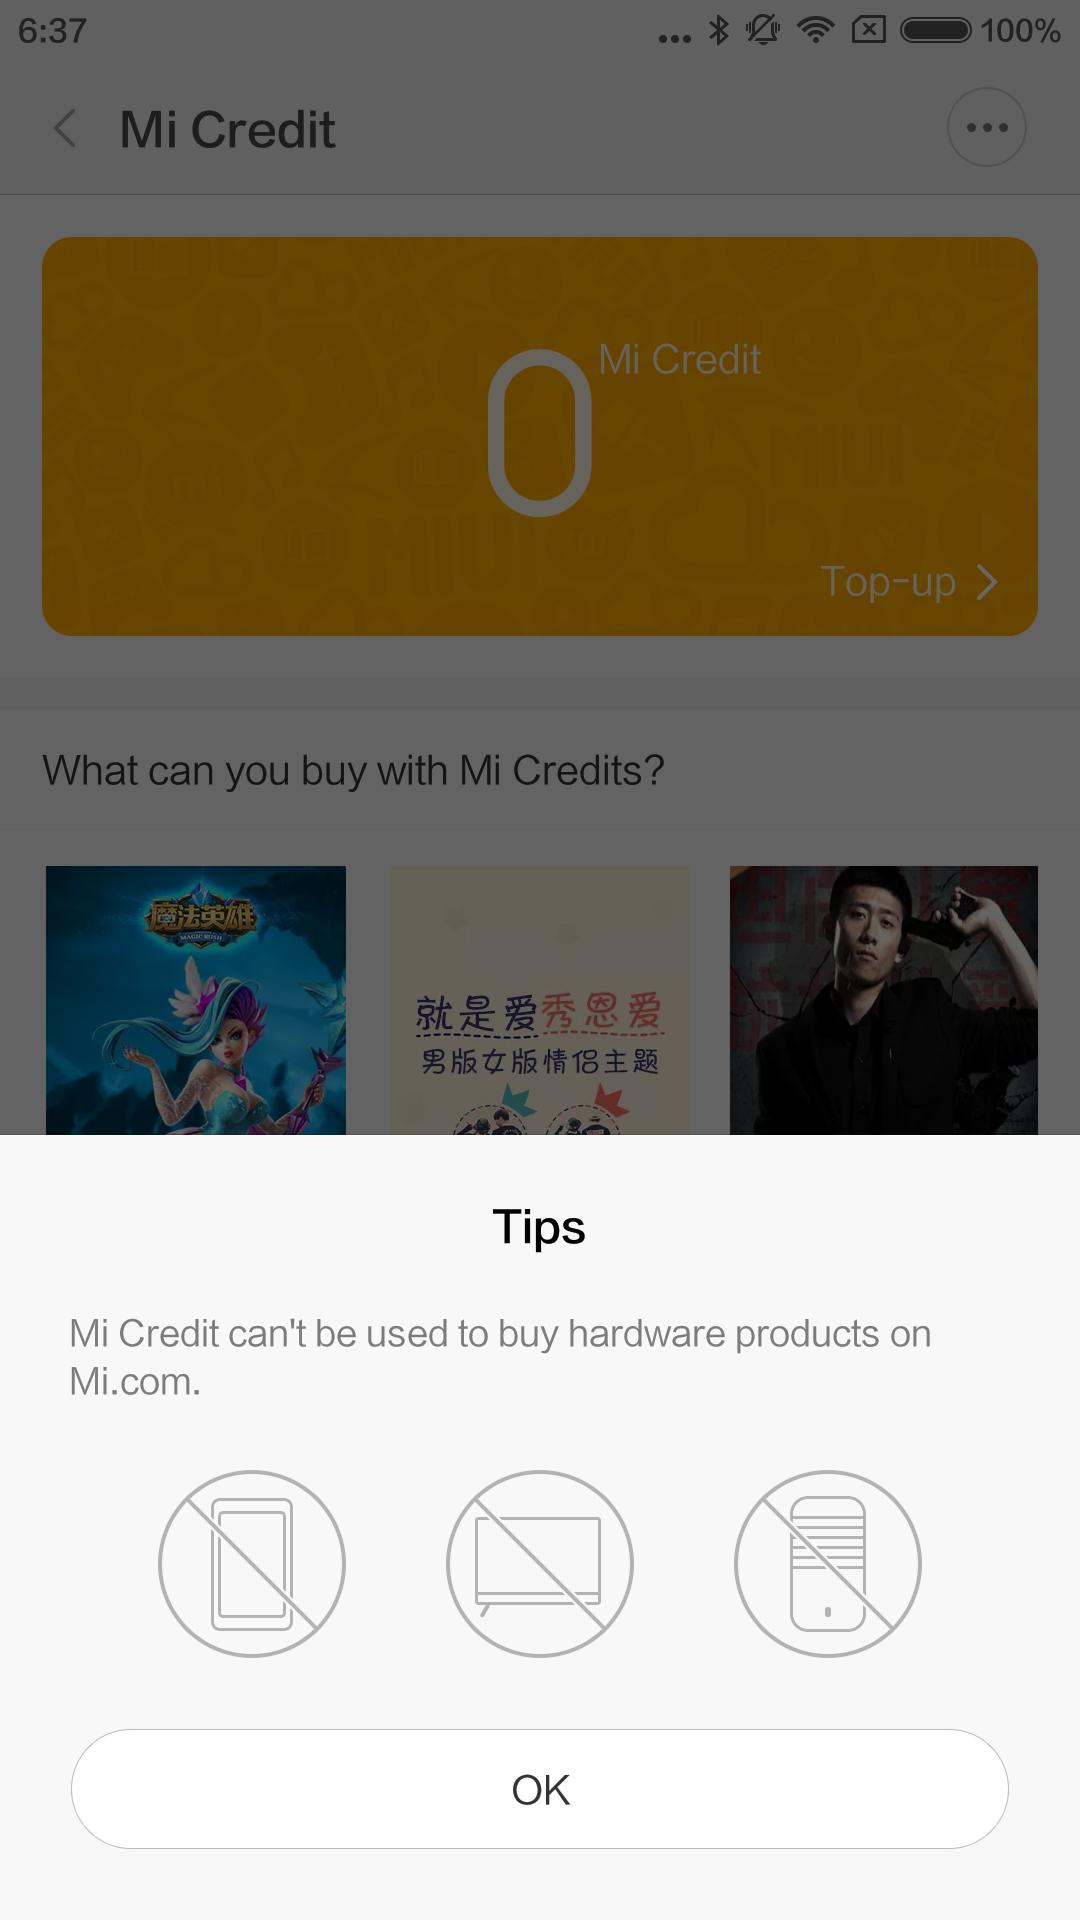 Mi Creditsではハードウェア(スマホやガジェットなど)は買えません、と出る。